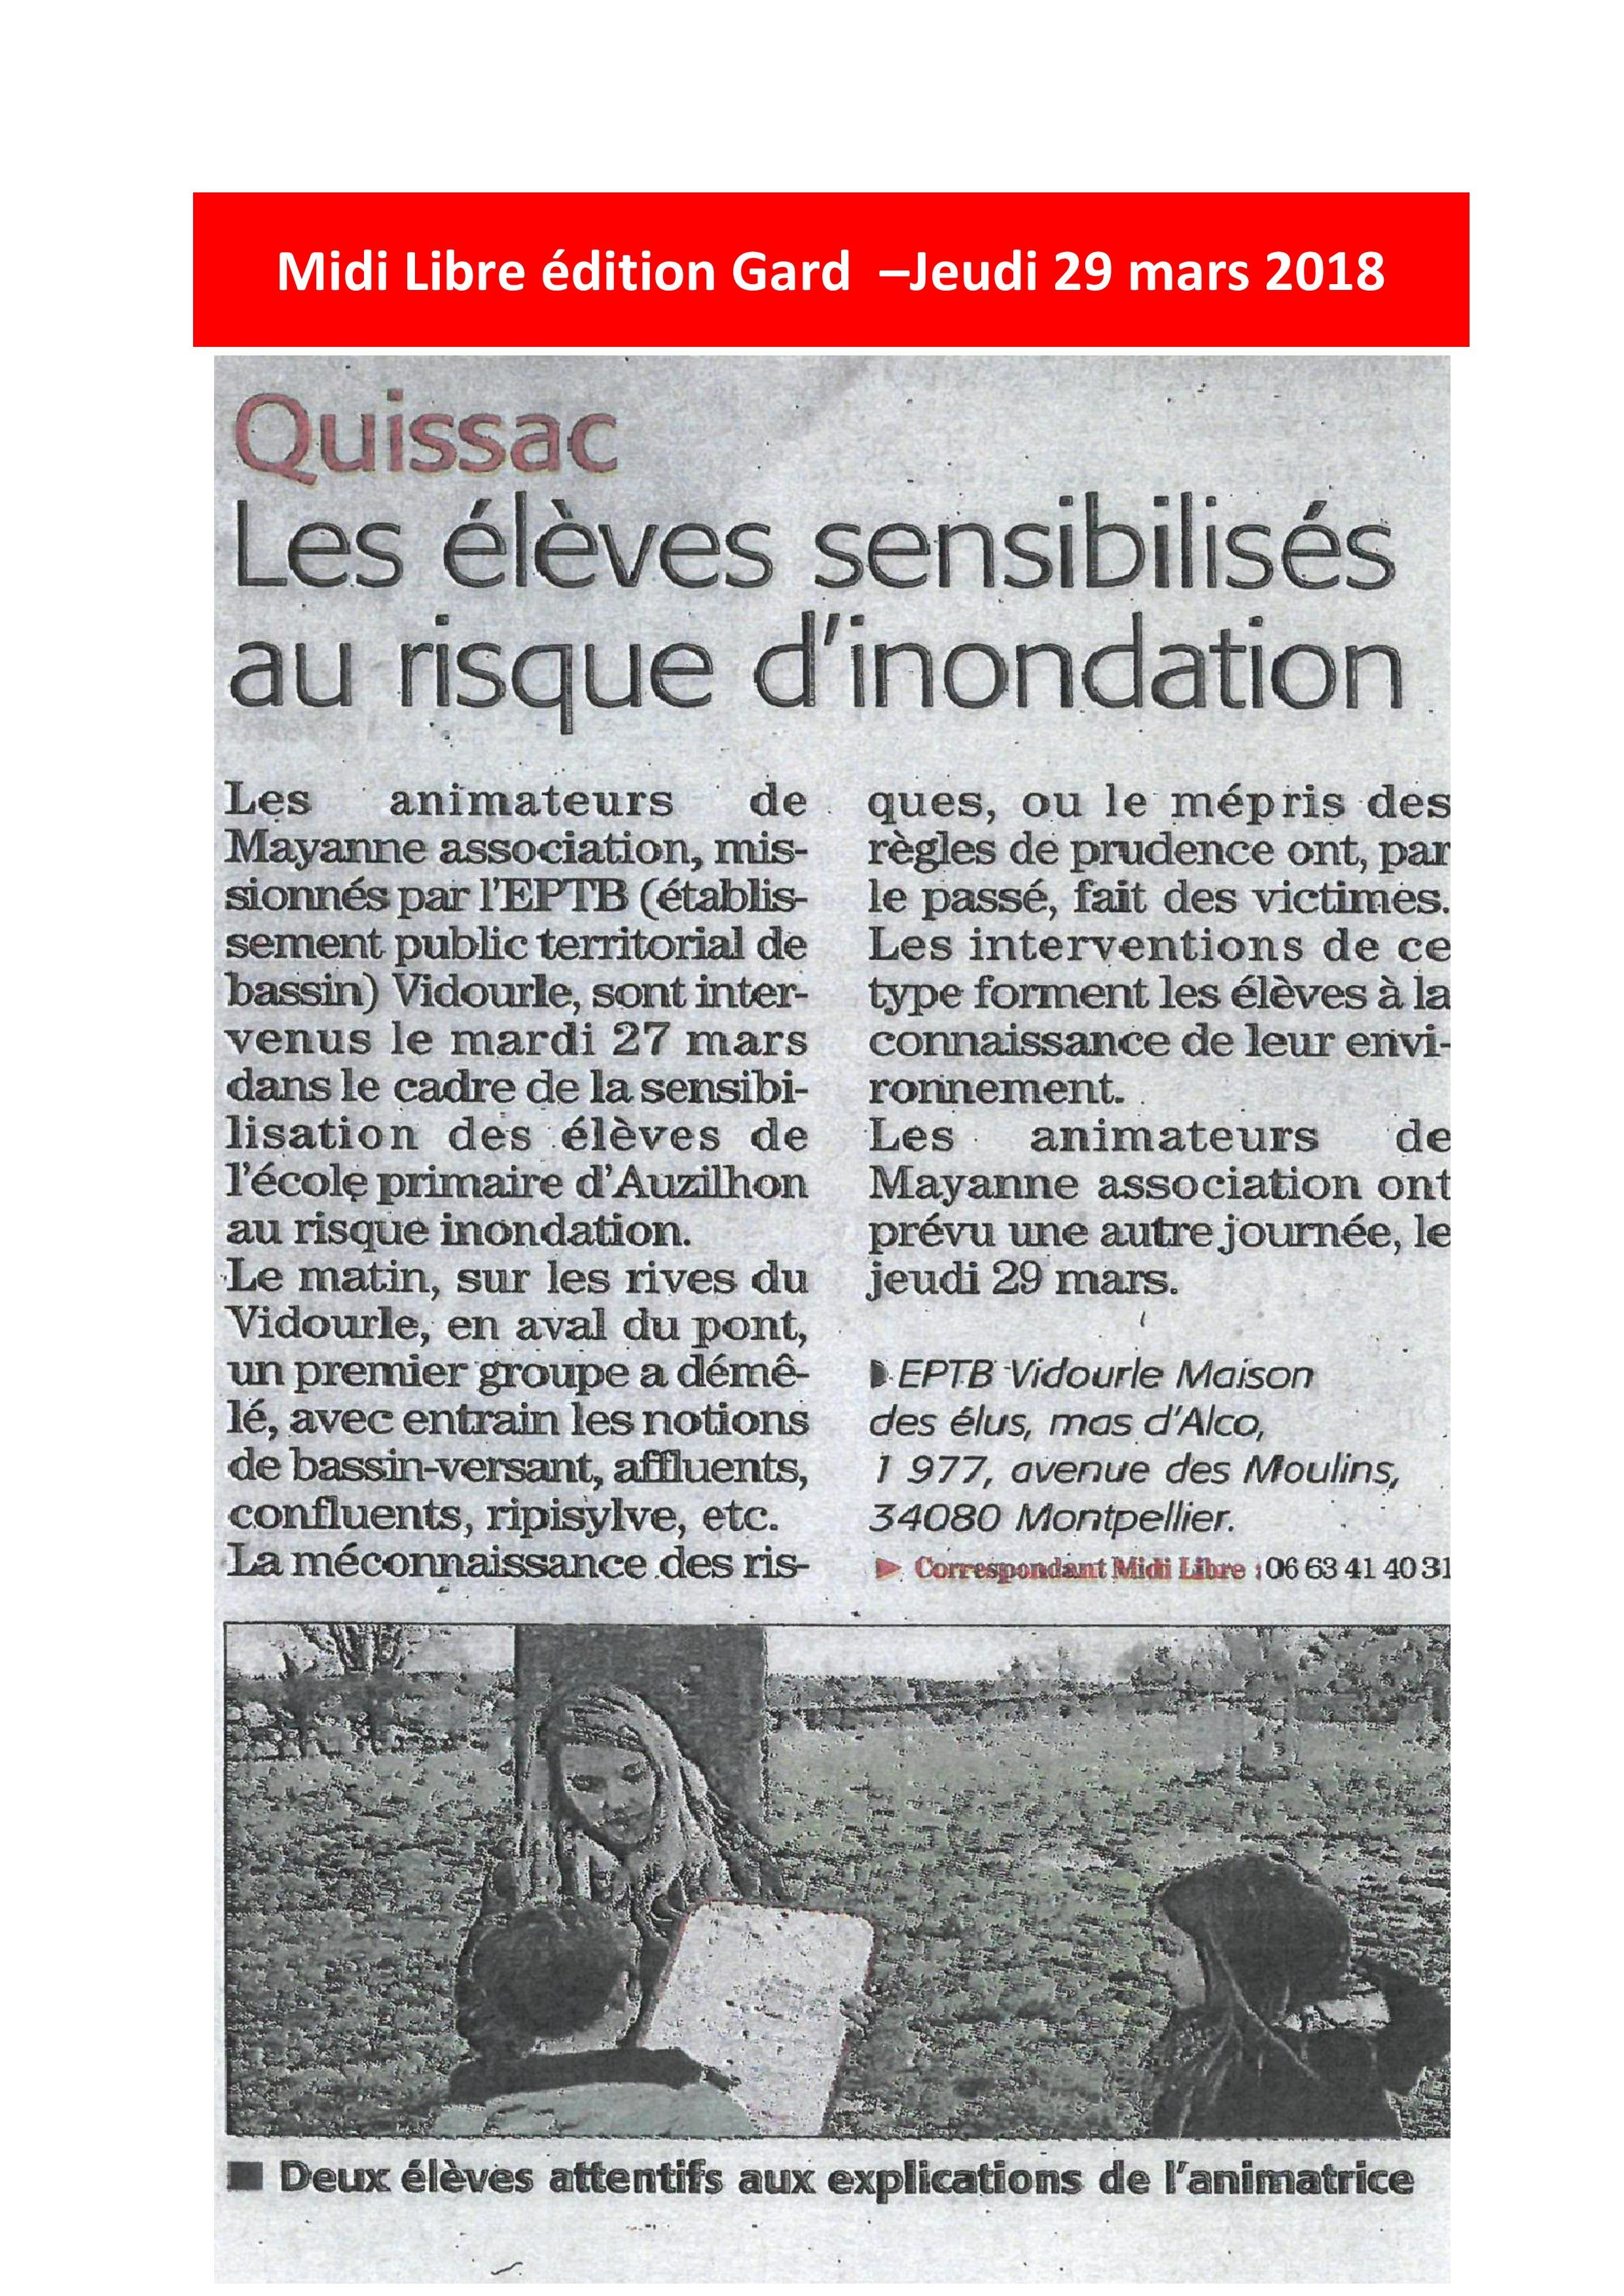 Intervention scolaire : les élèves de Quissac sensibilisés au risque inondation